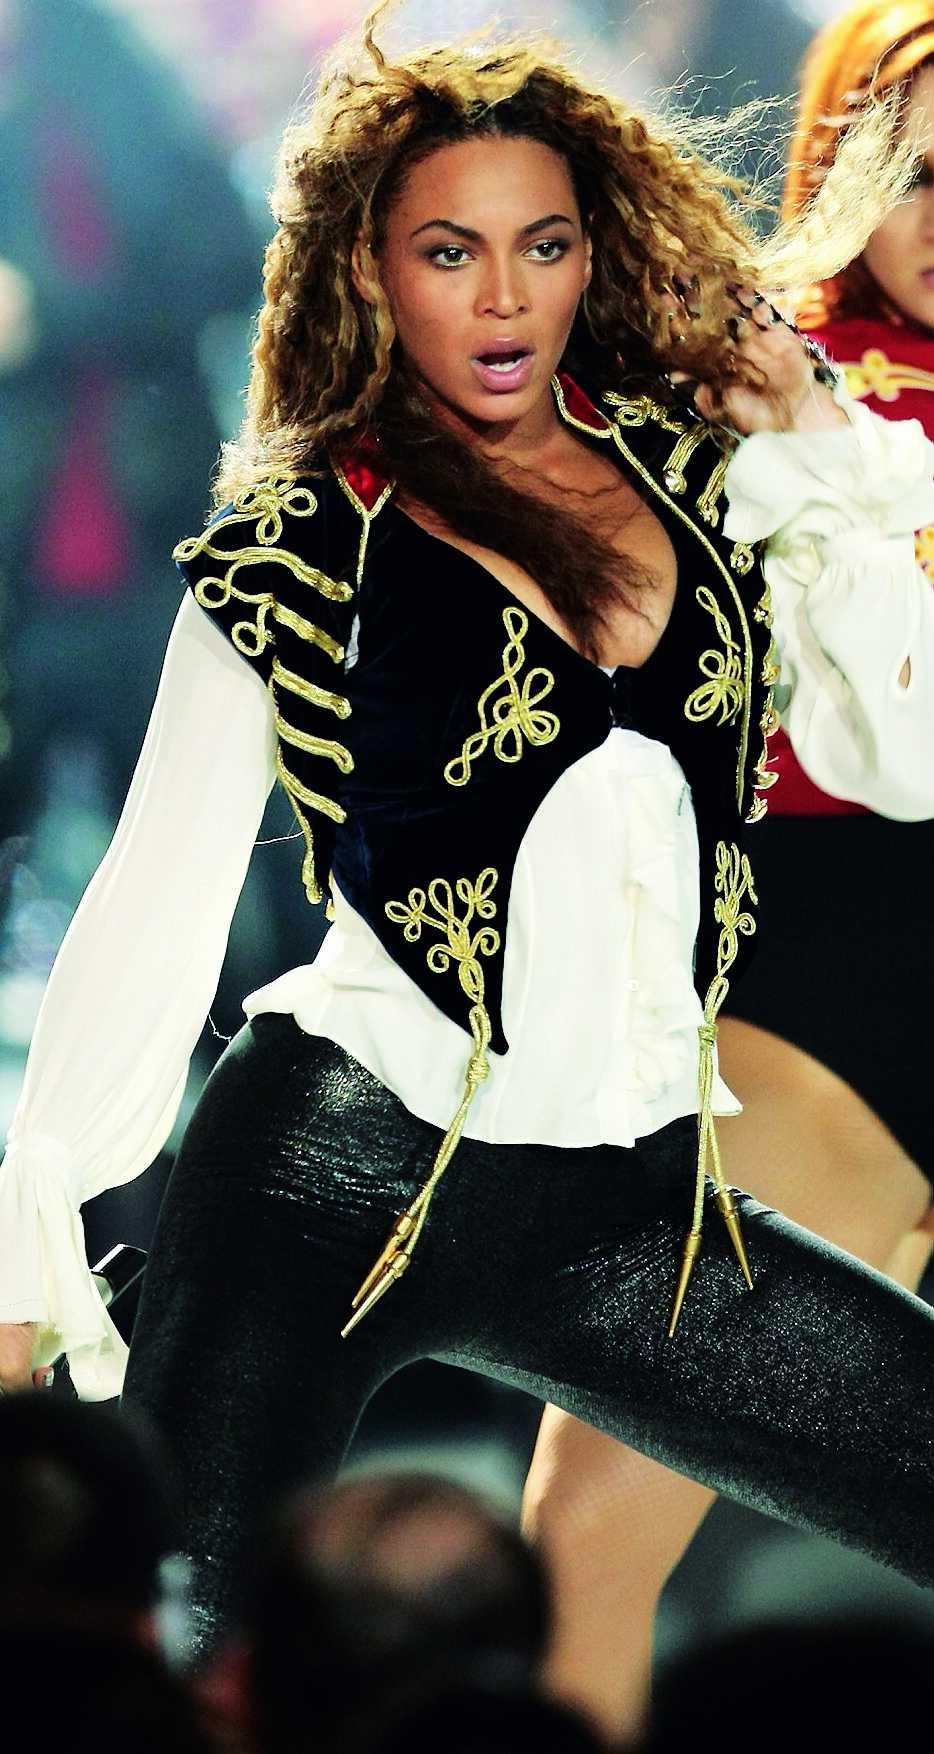 Allt är inte guld som glimmar, men Beyoncé strålar i alla fall på scenen under World music awards.